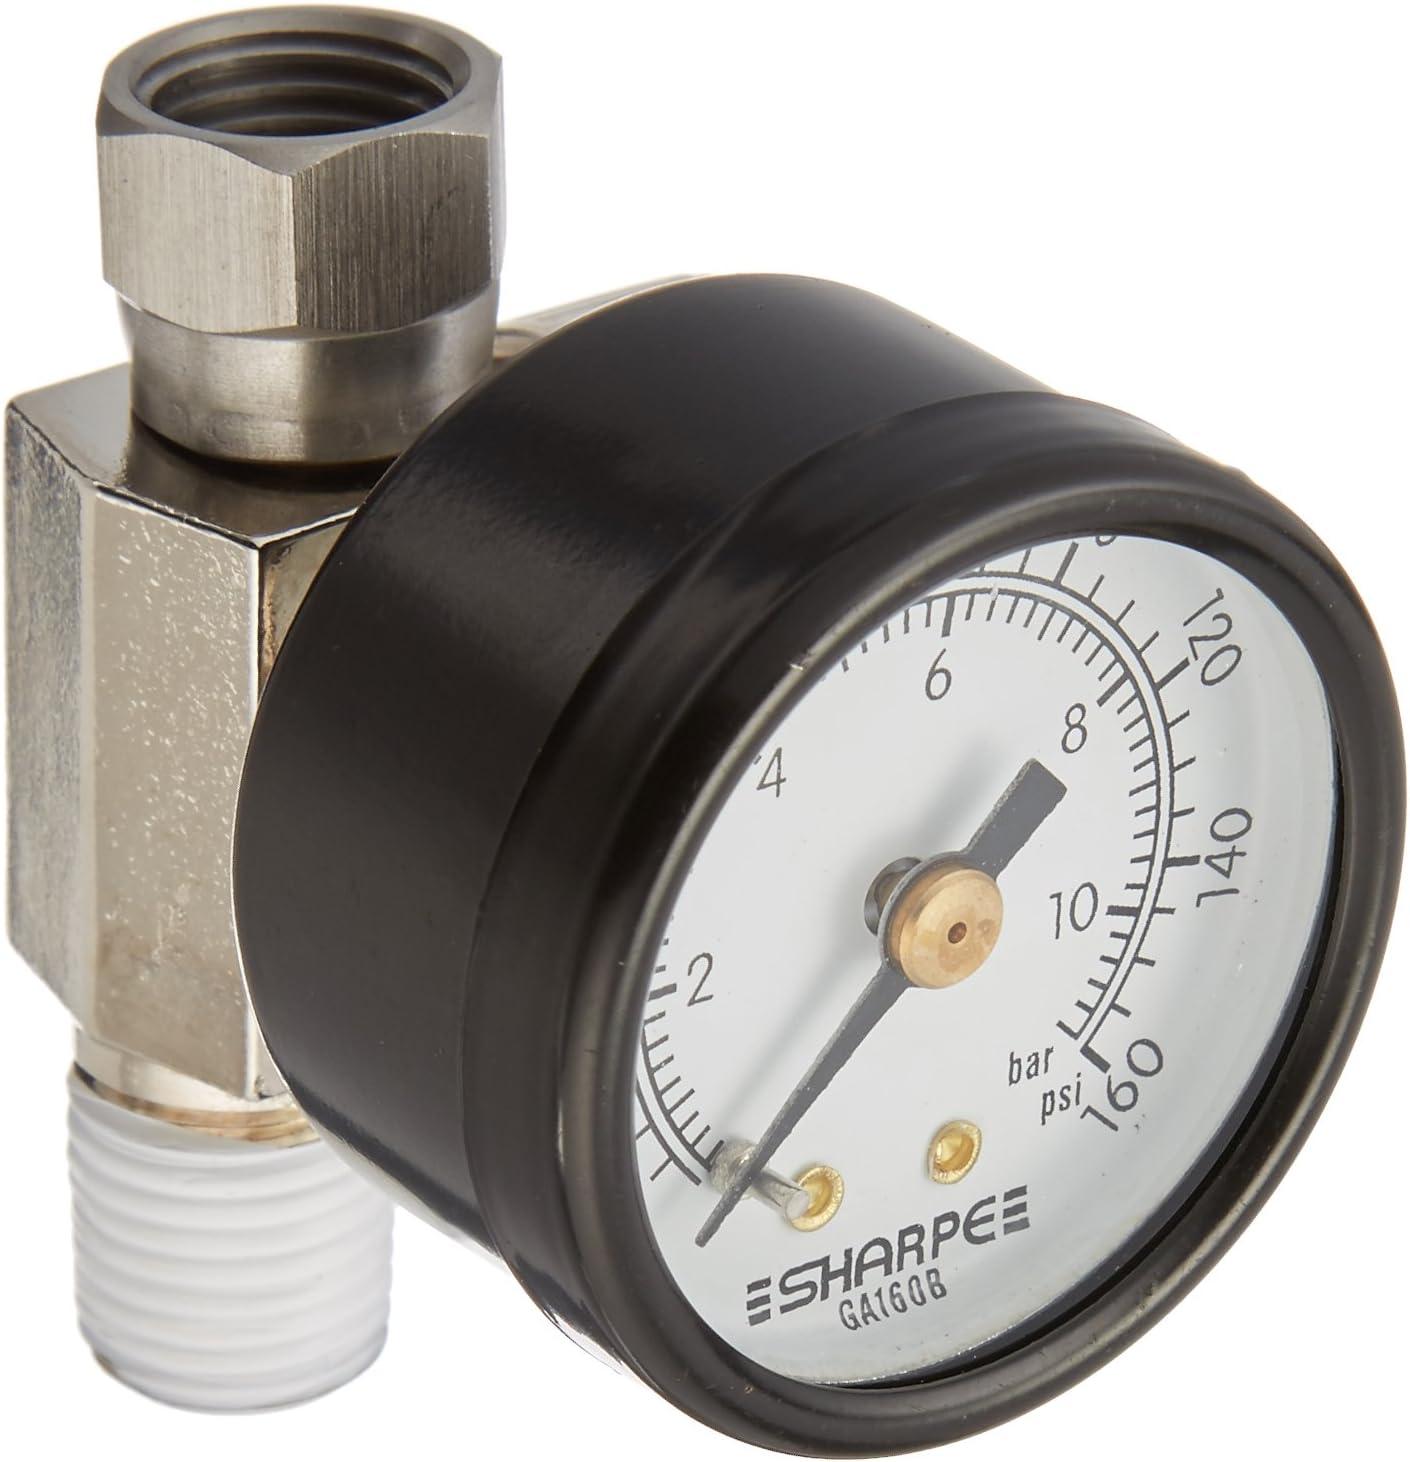 Amazon.com: Sharpe 2210 Válvula de aire Regulador de ajustar ...